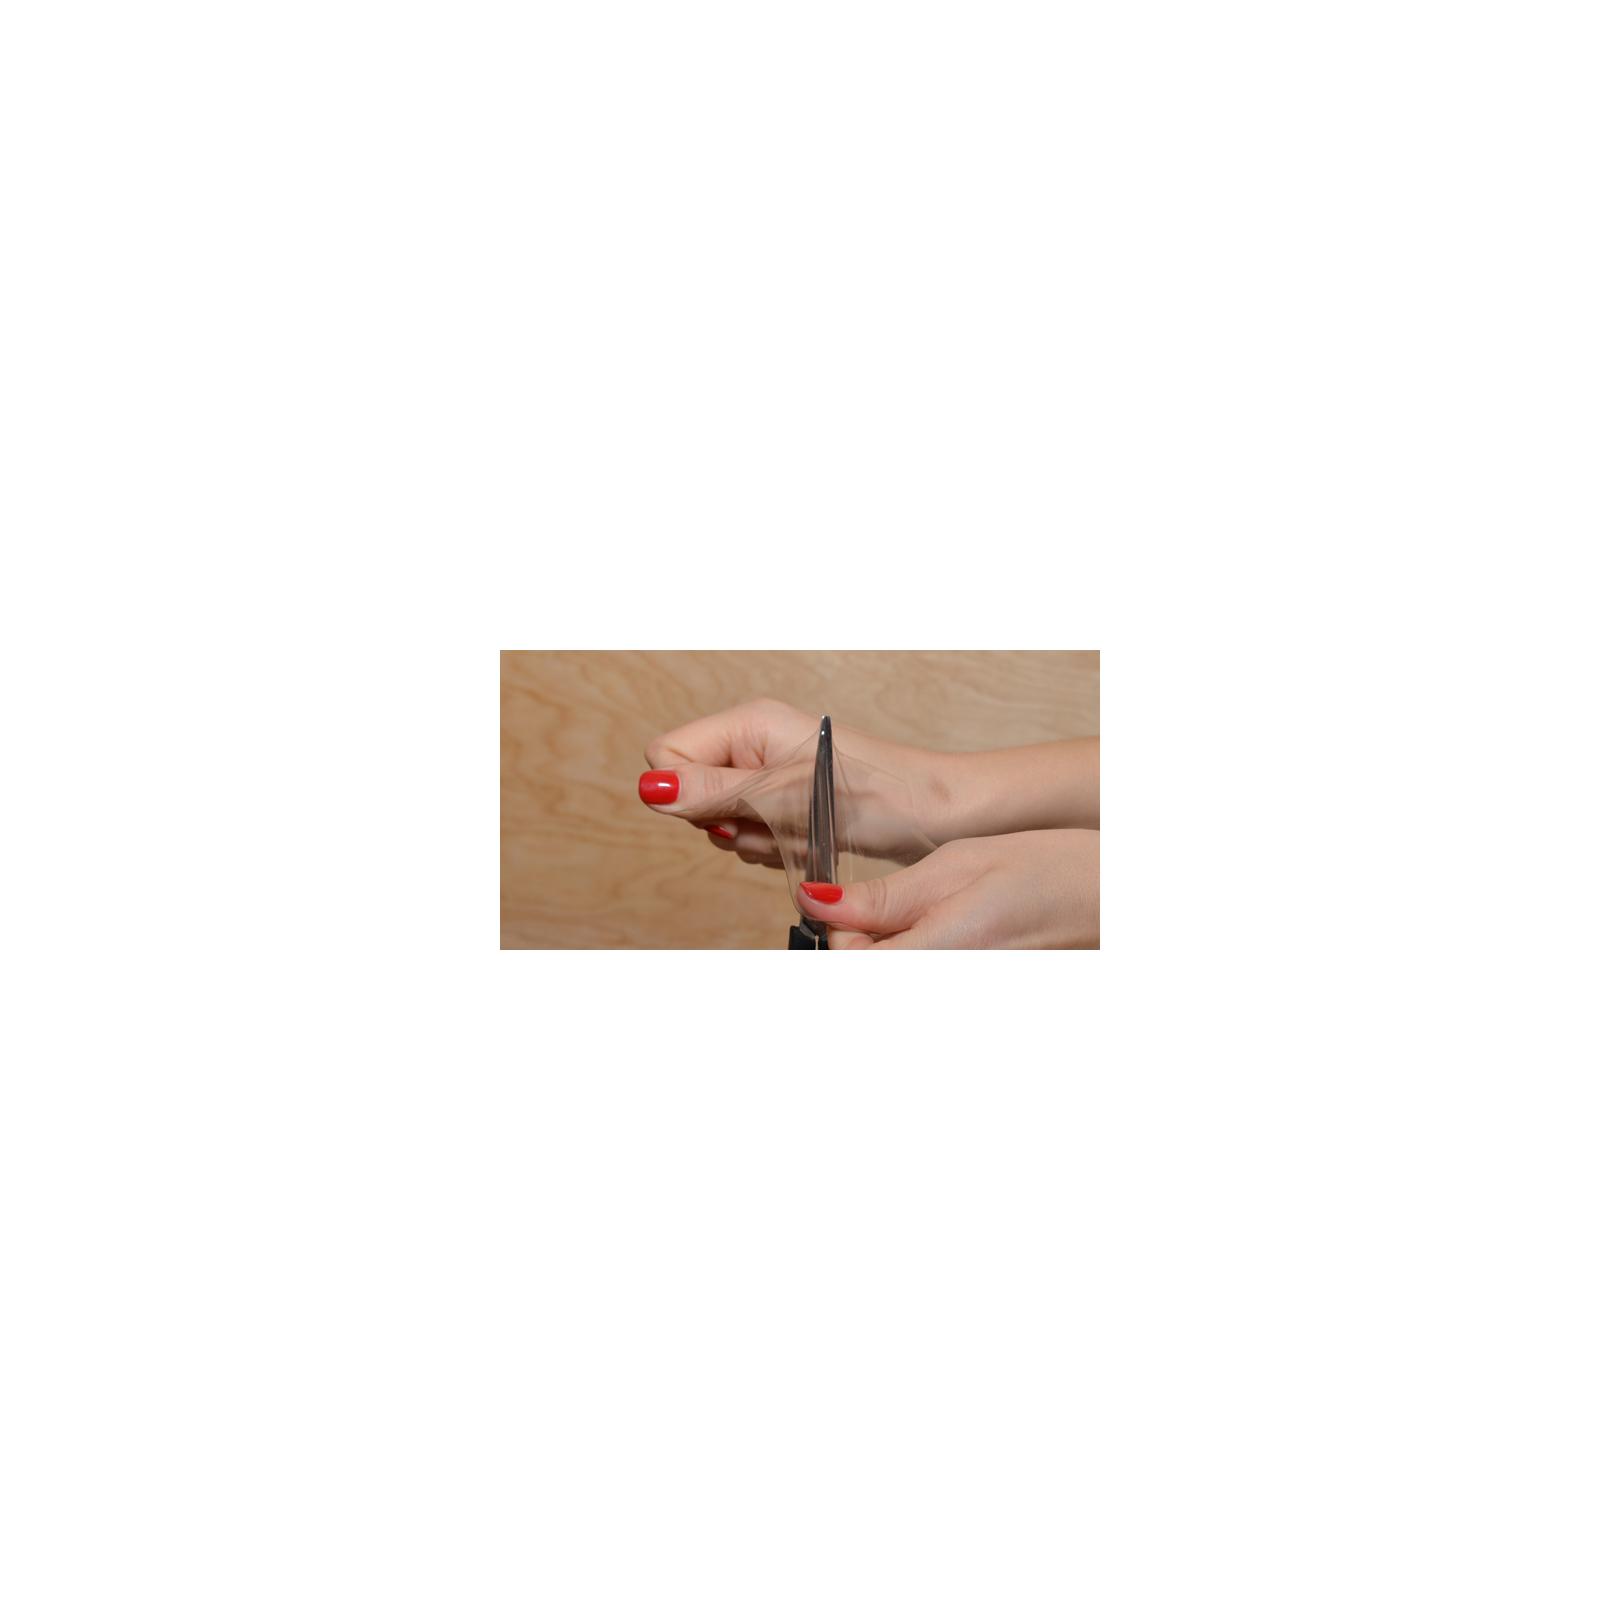 Пленка защитная JINN ультрапрочная Magic Screen для LG G Pro Lite D686 dual (LG G Pro Lite dual front+back) изображение 4